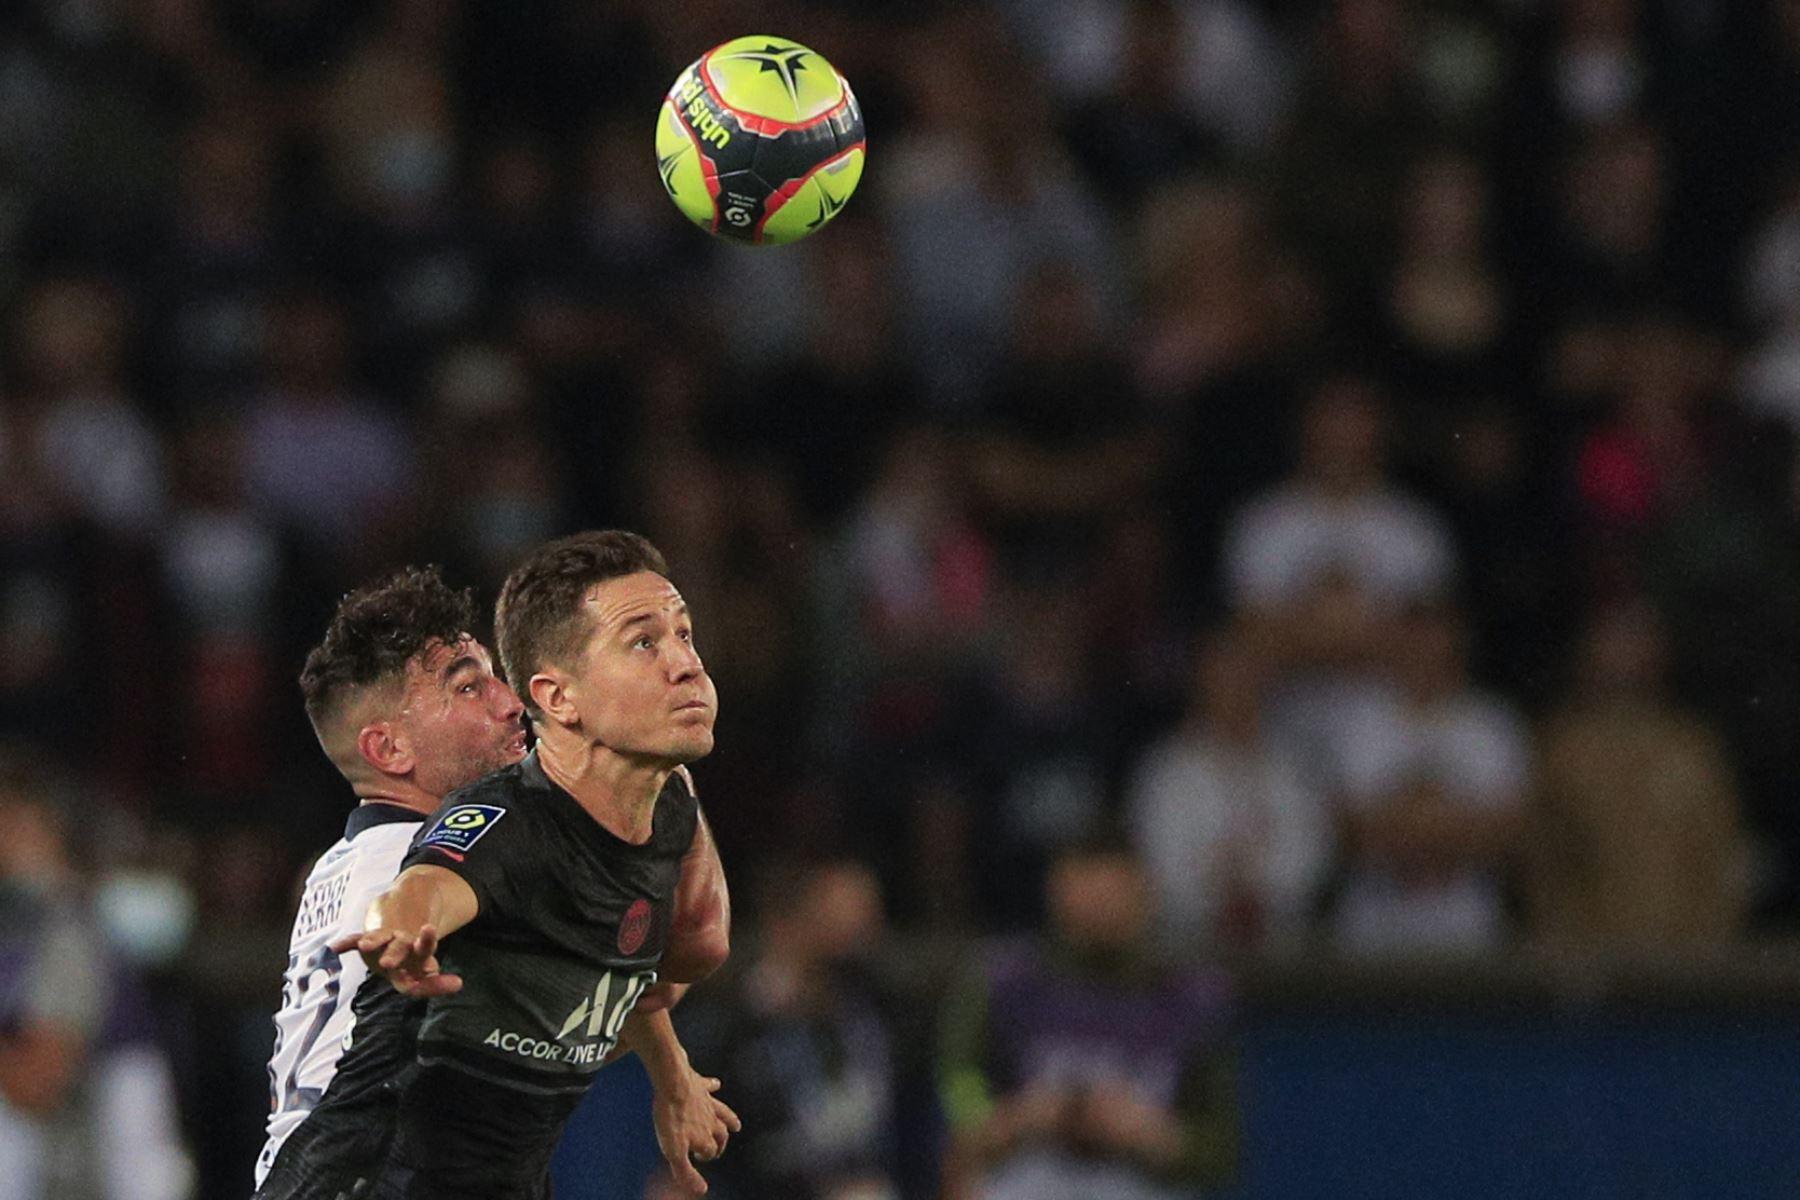 El defensa uruguayo de Montpellier Mathias Suarez y el centrocampista español del Paris Saint-Germain Ander Herrera luchan por el balón durante el partido de fútbol francés L1 entre Paris Saint-Germain (PSG) y Montpellier (MHSC). Foto: AFP